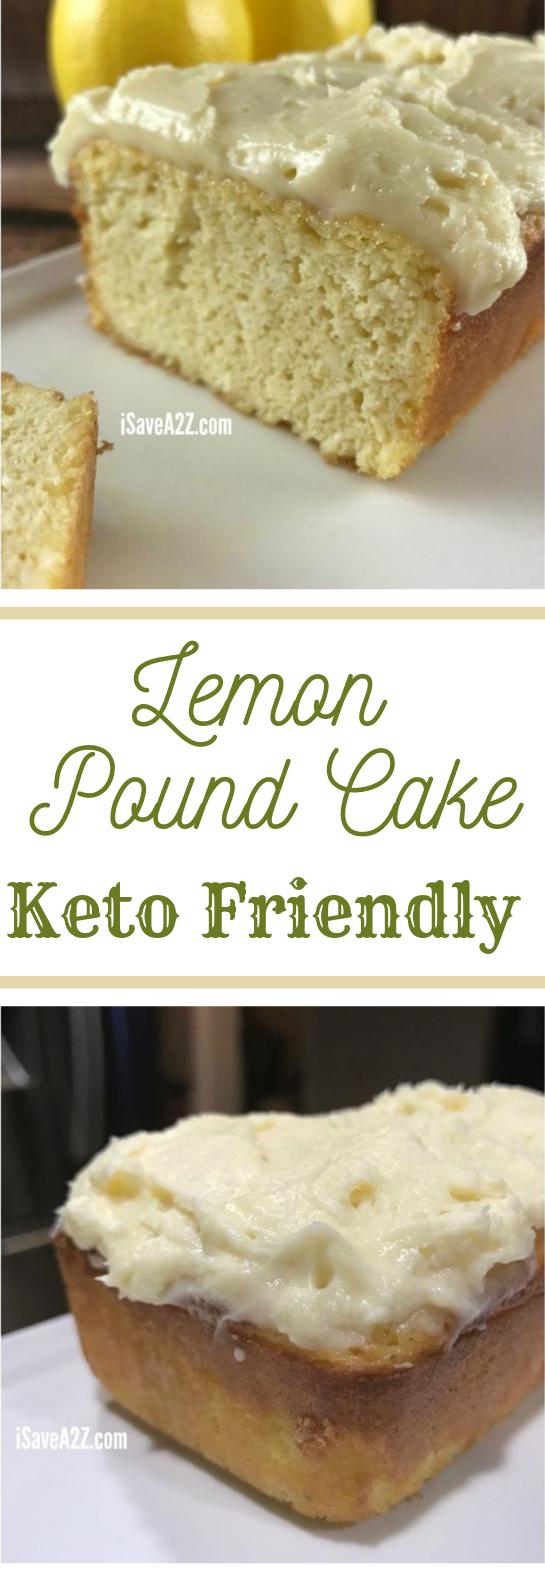 Low Carb Lemon Pound Cake Keto Friendly